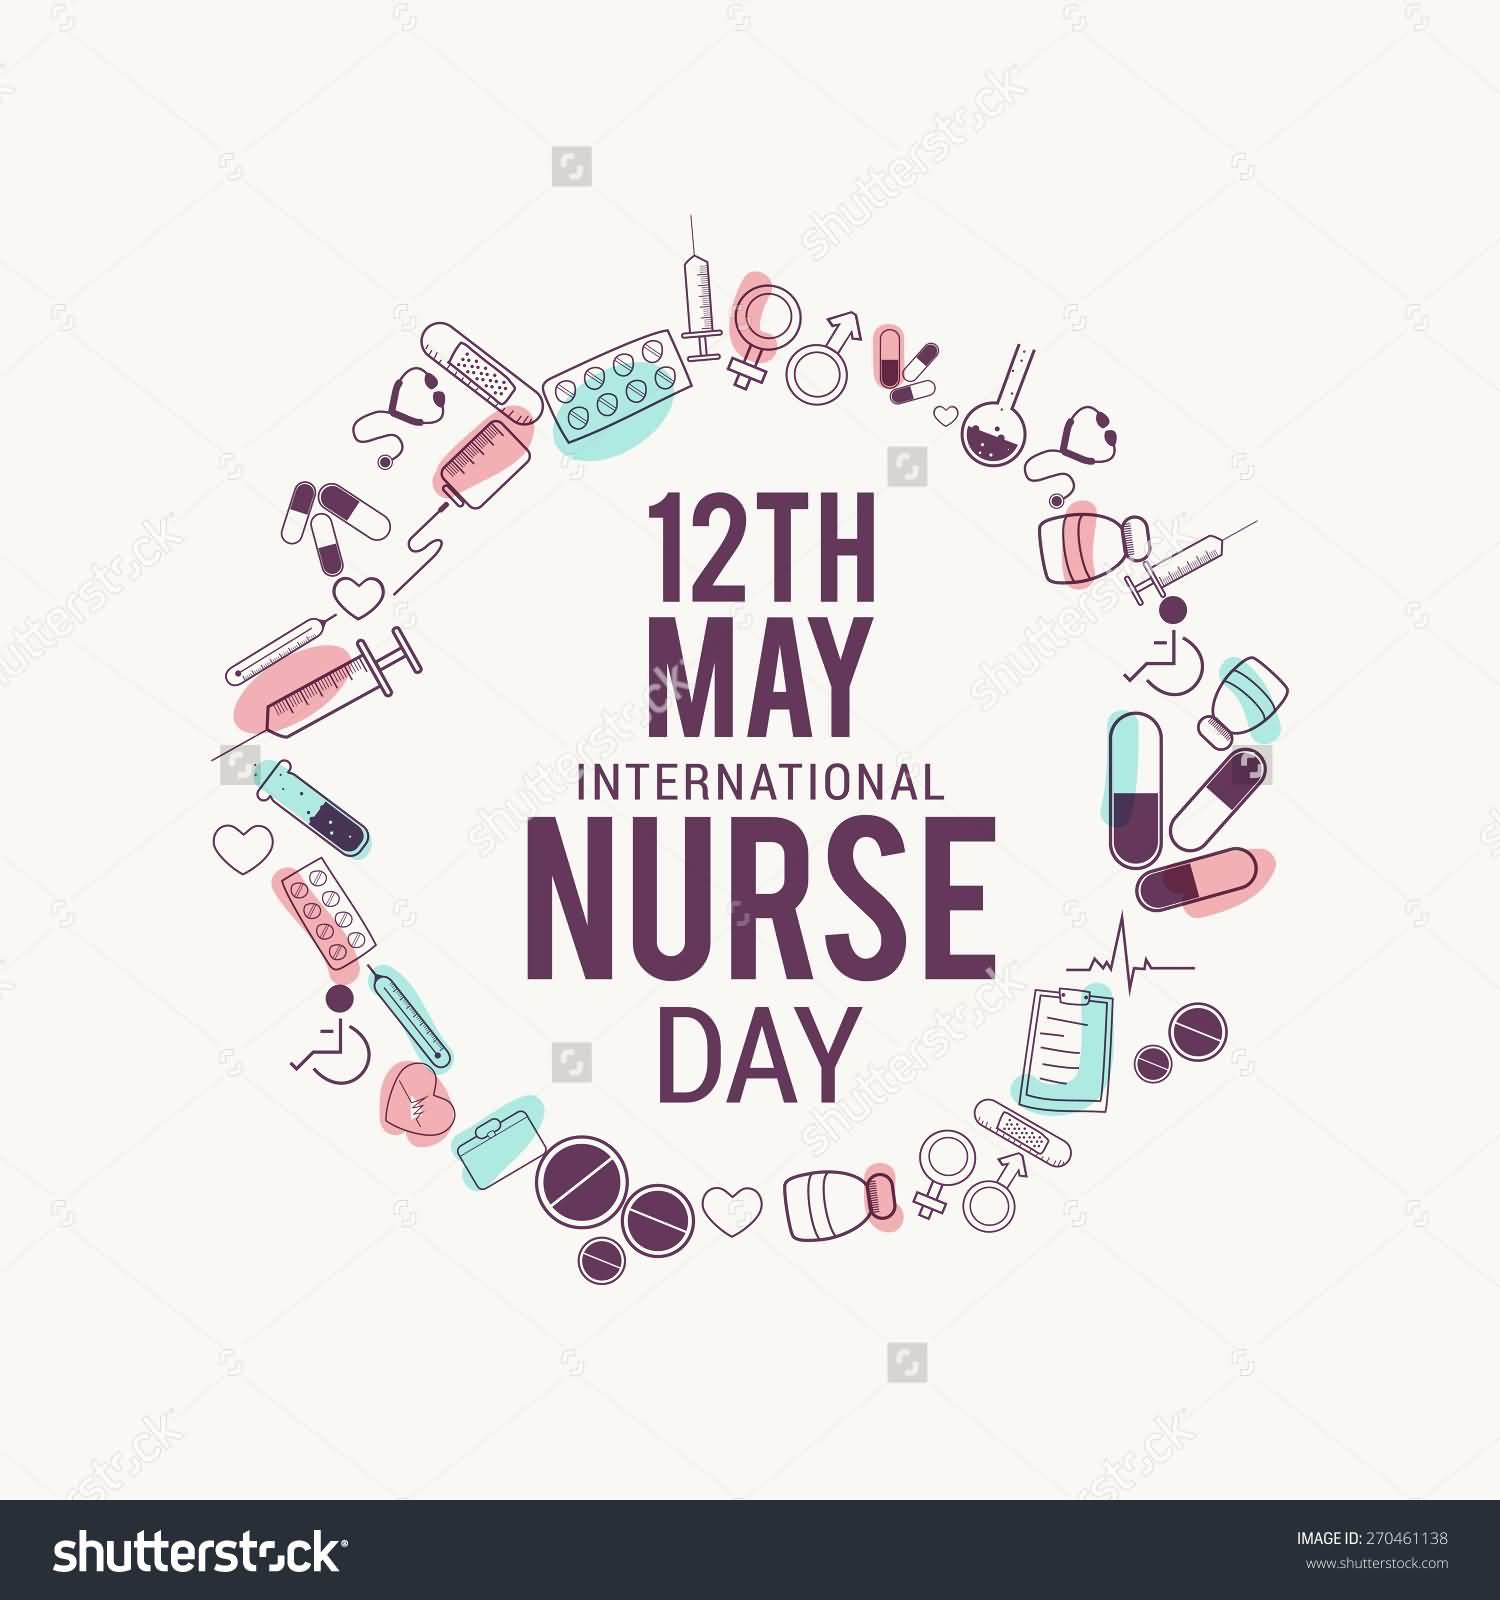 Nurse Day in 2017 41